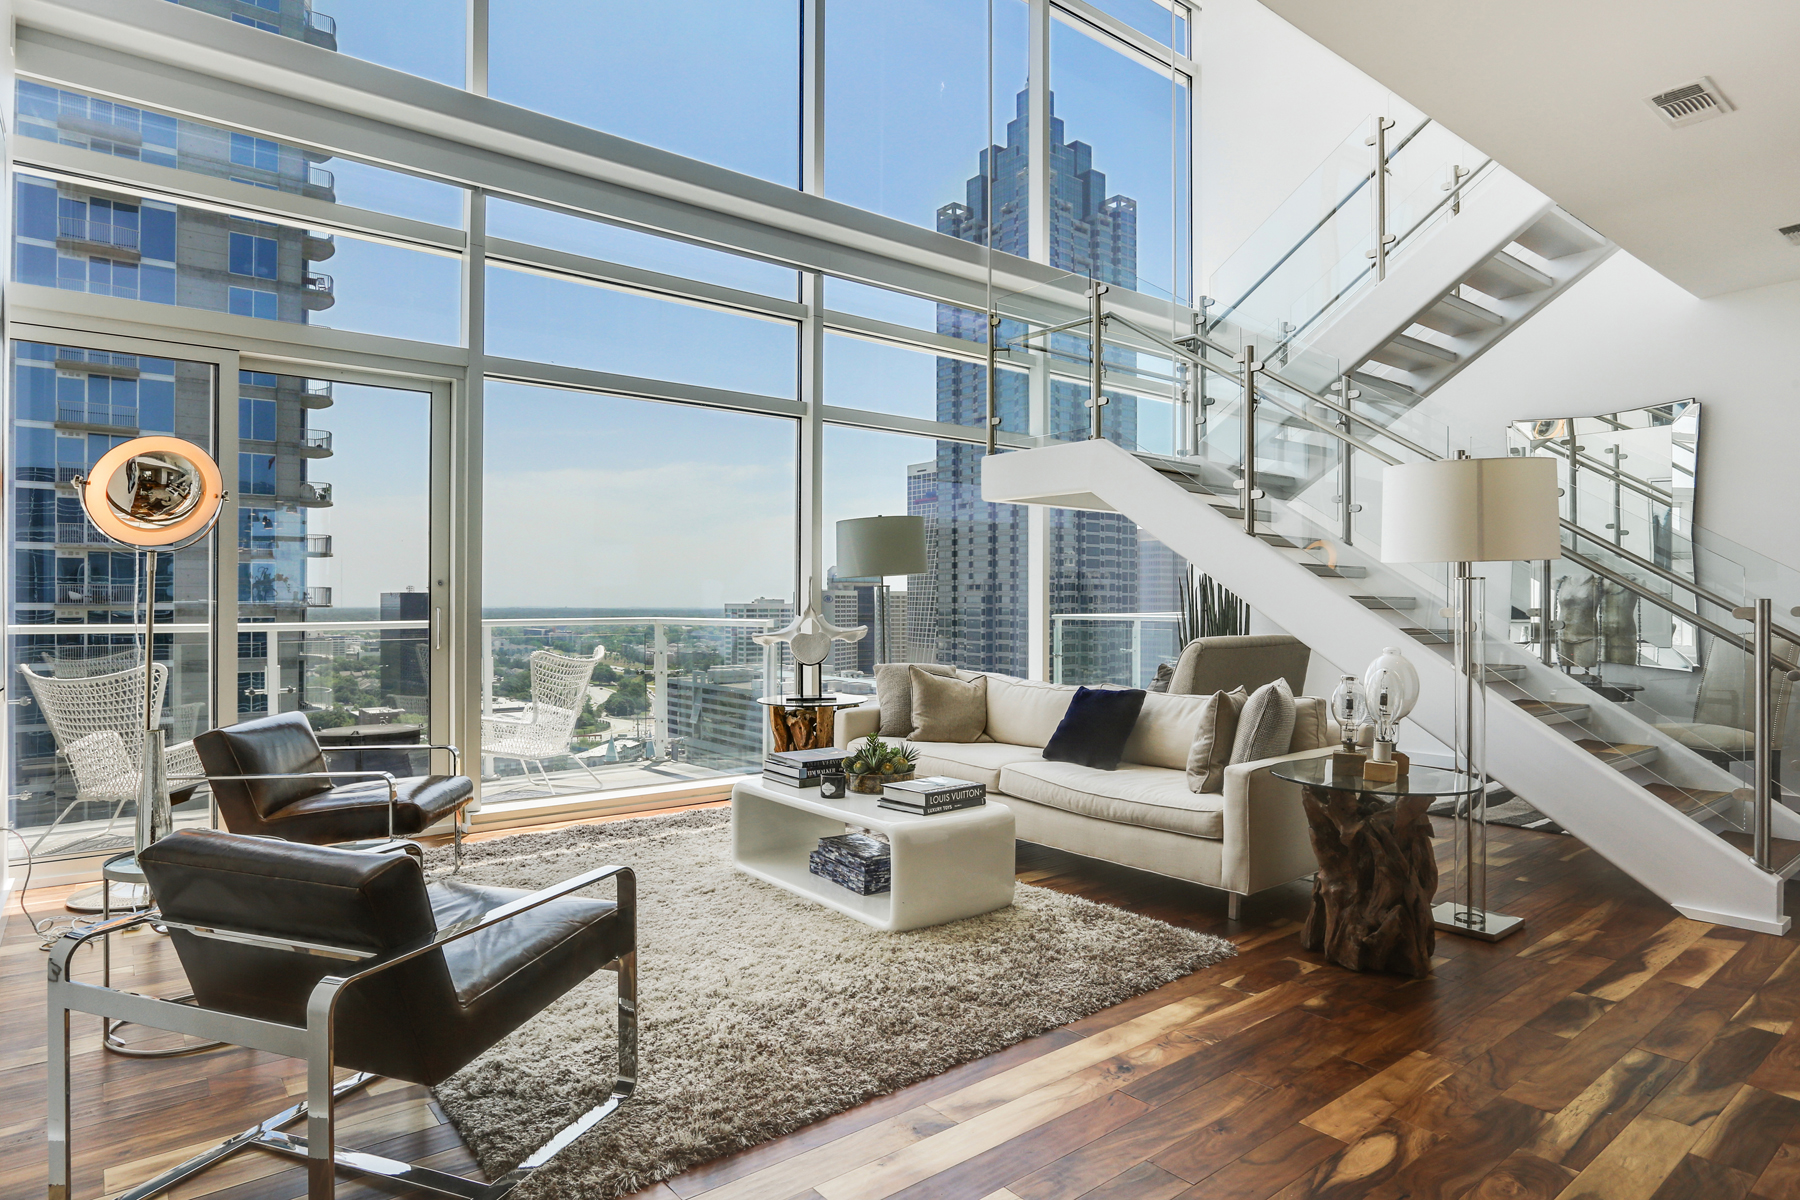 Кондоминиум для того Продажа на Sophisticated 2-Level Atlanta Penthouse with Luxury Hotel Amenities 45 Ivan Allen Jr Boulevard NW PH#2706 Atlanta, Джорджия, 30308 Соединенные Штаты